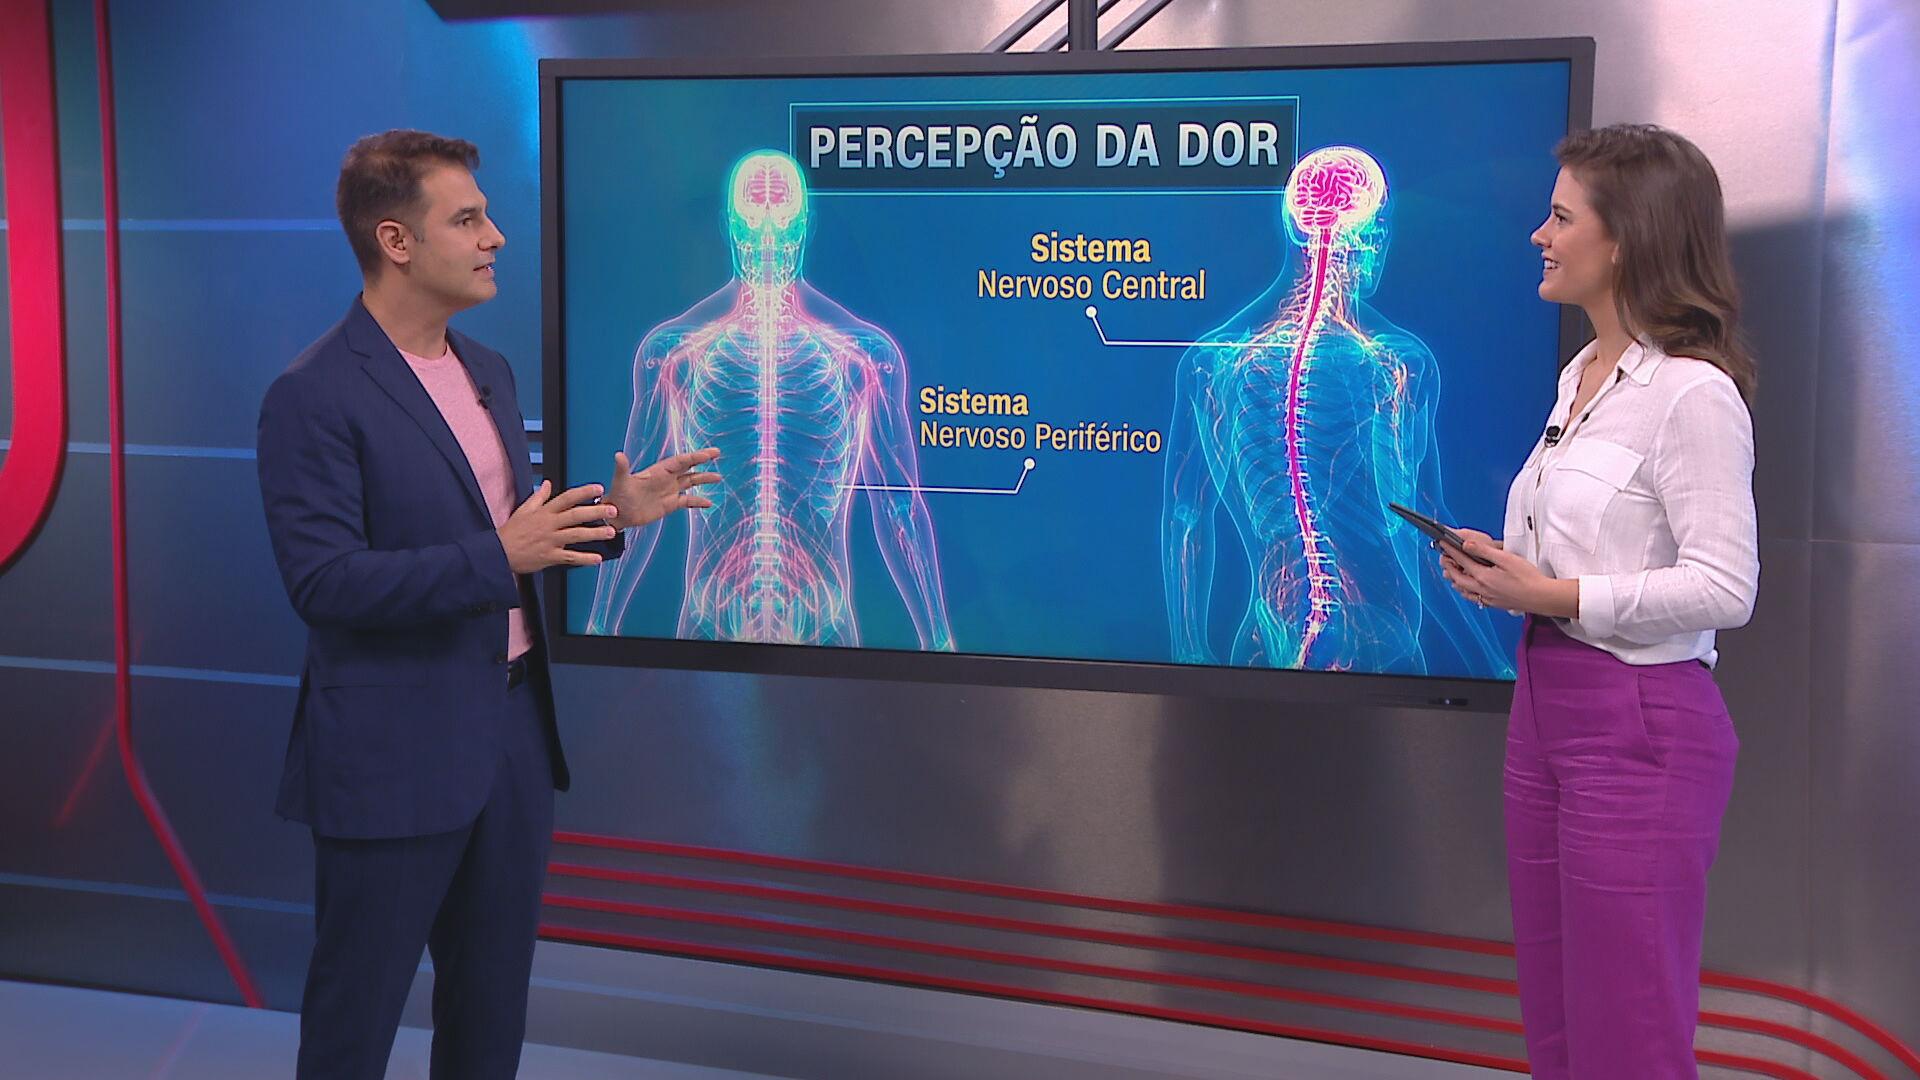 Correspondente Médico: Fernando Gomes fala sobre atualização da definição de dor